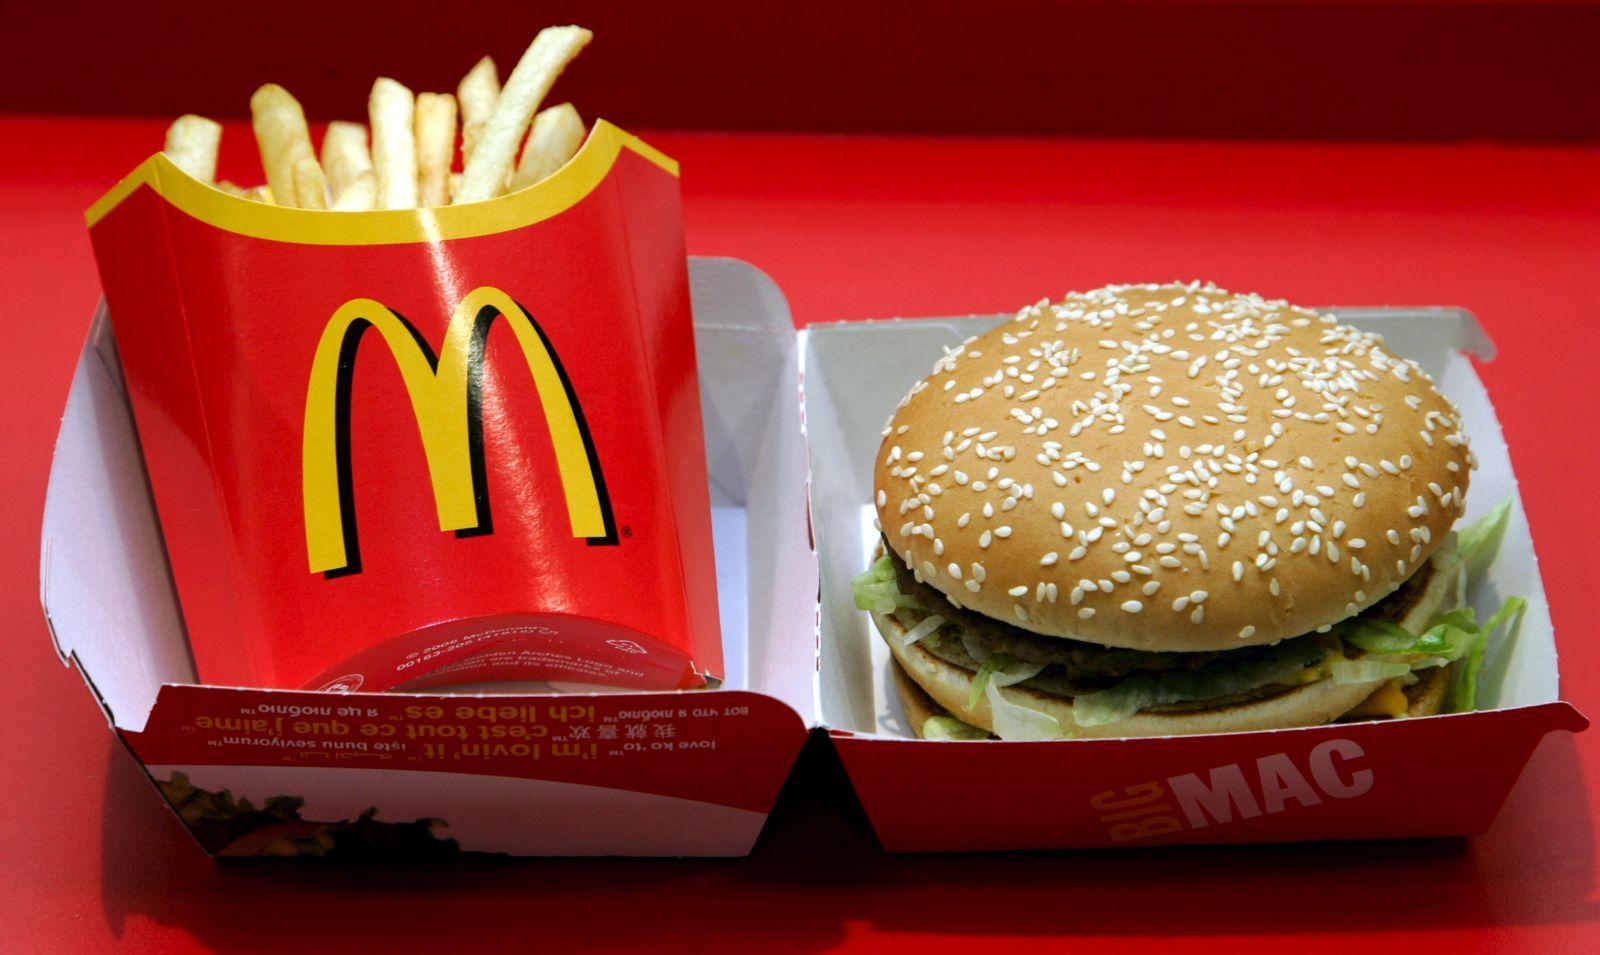 McDonalds/ Gentechnik